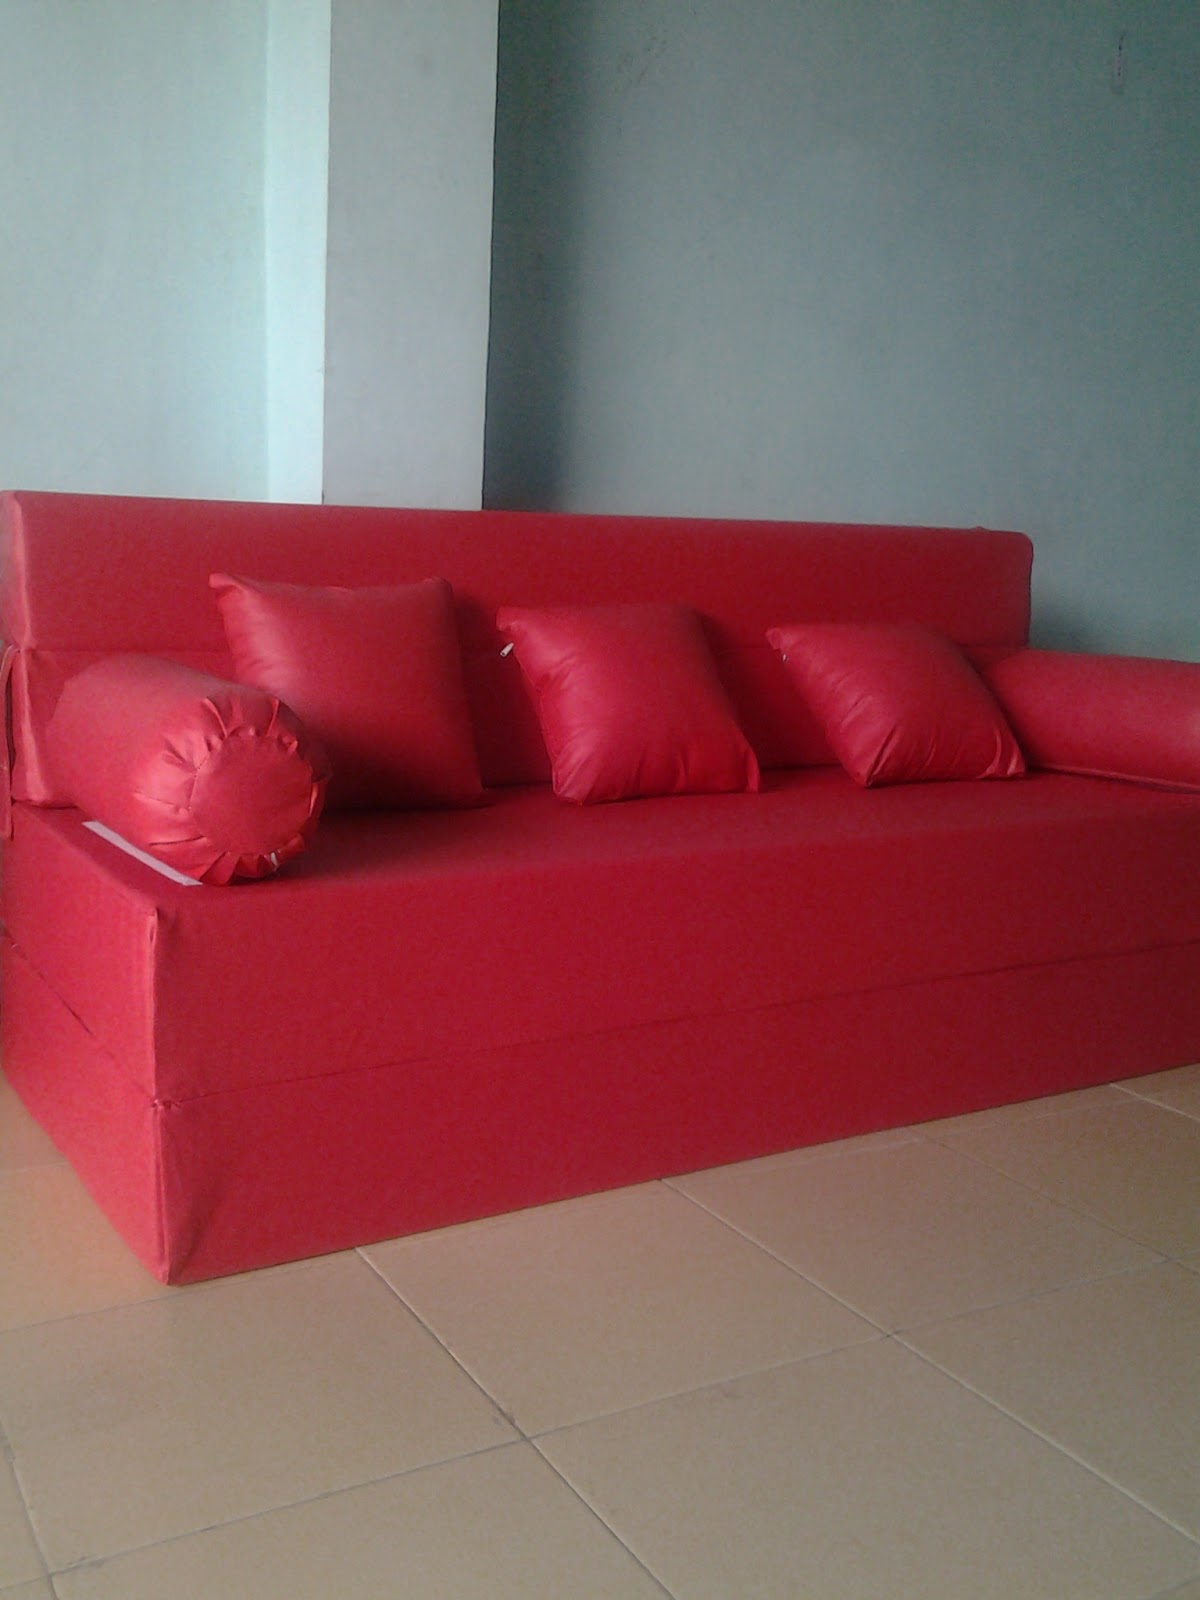 Harga Cover Sofa Bed Inoac Hogan Mocha Reclining Anti Air Aneka Produk Foam